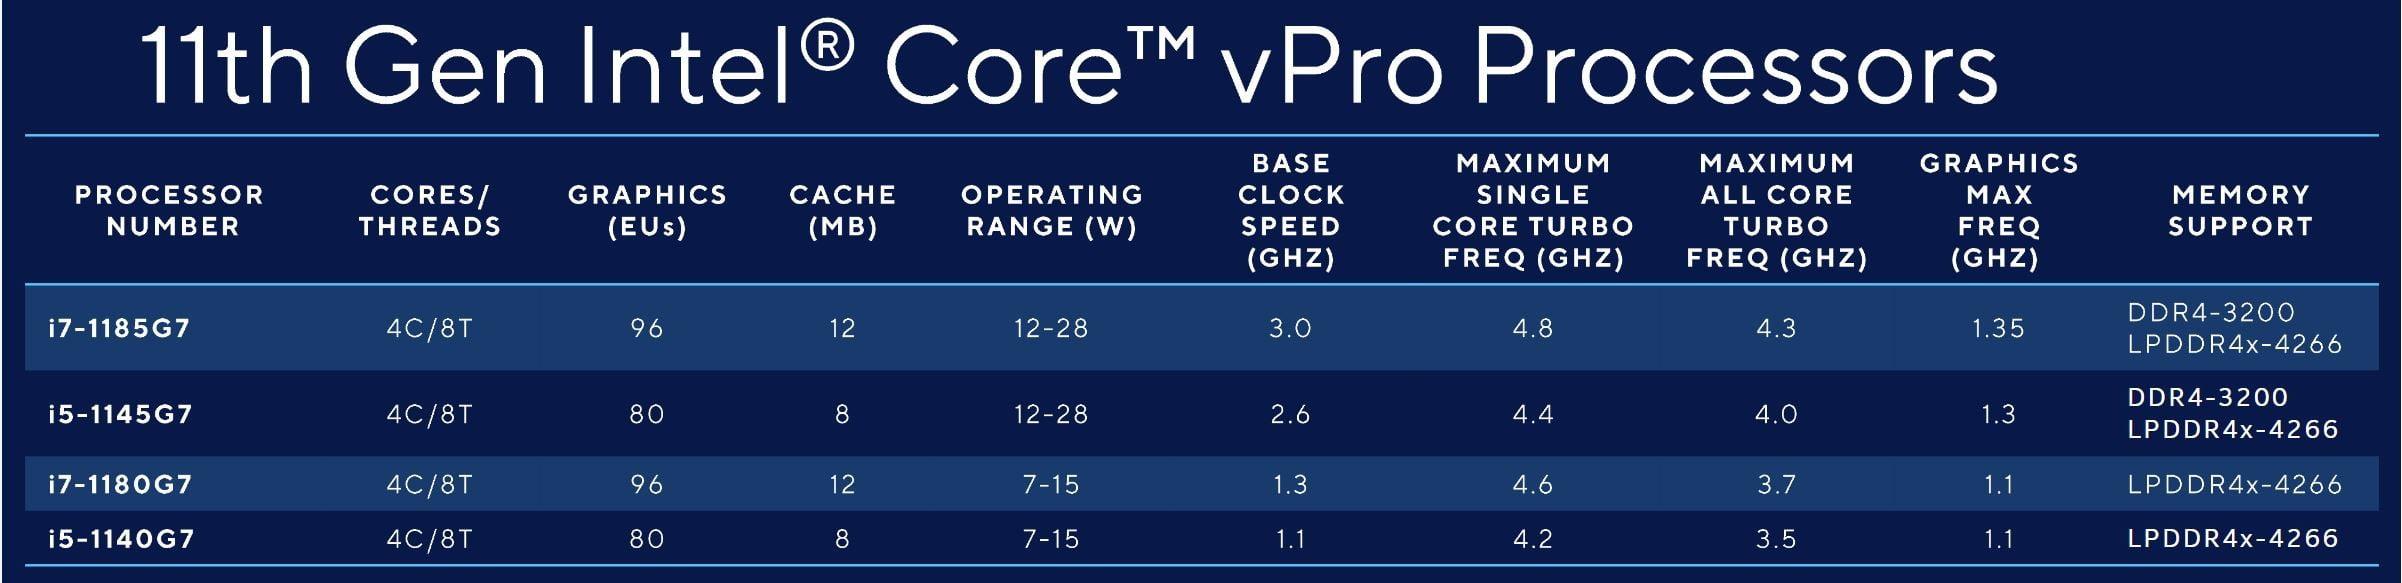 Tabla comparativa de procesadores Intel Core vPro Generación 11